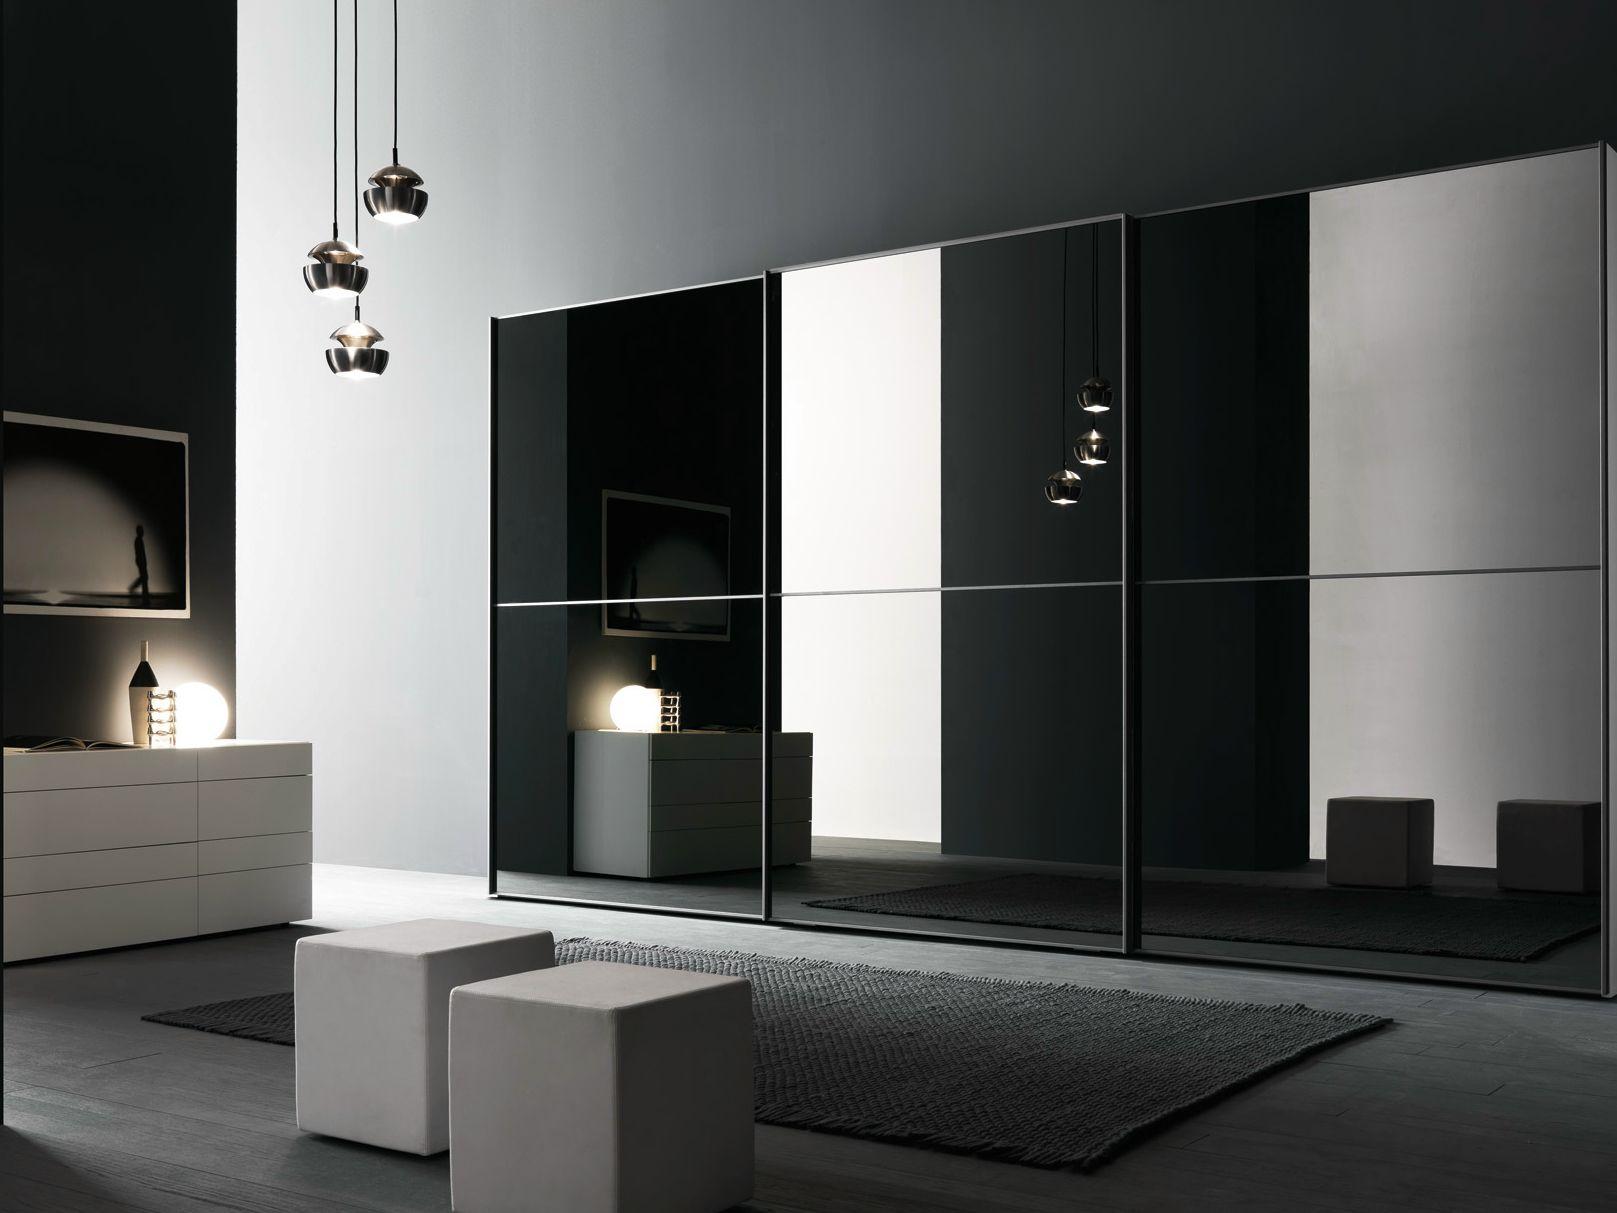 Componibile Con Ante Scorrevoli L12 By Presotto Industrie Mobili  #585147 1617 1213 Mobili Multiuso A Specchio